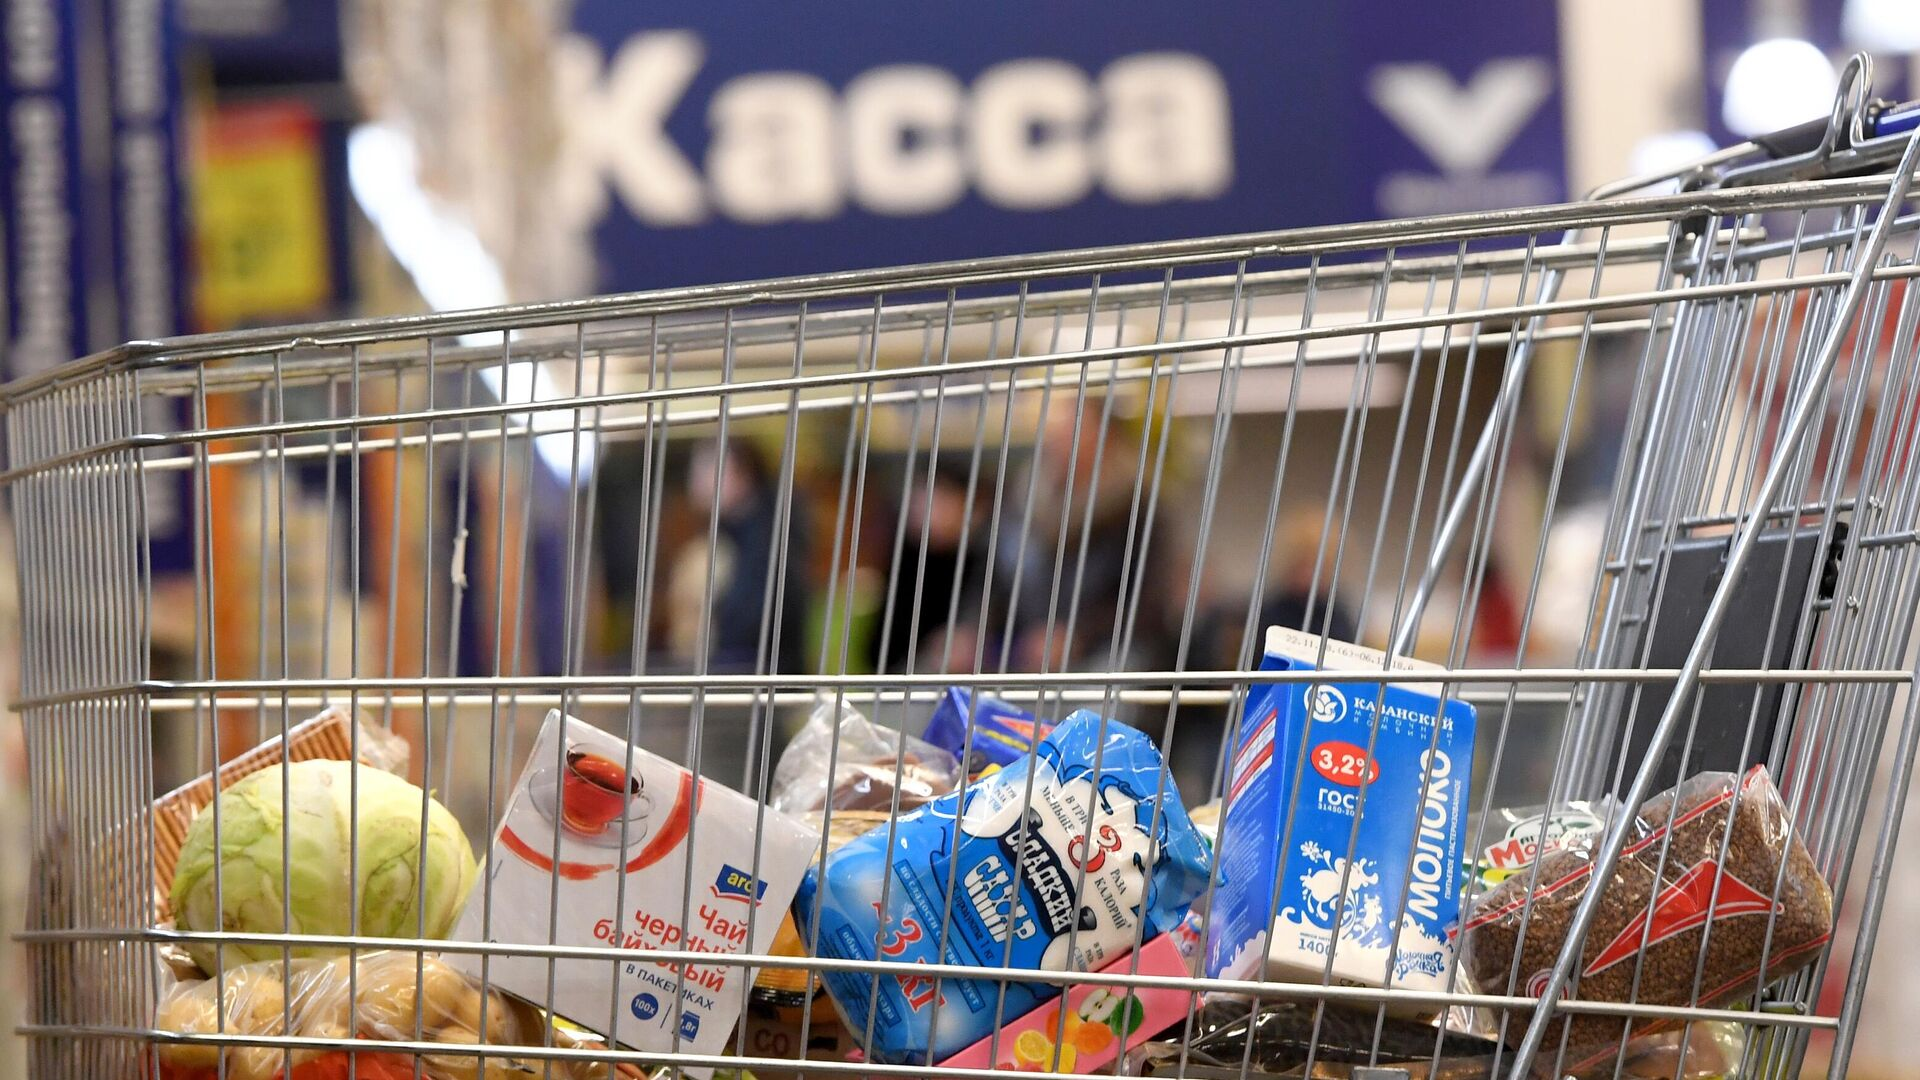 Тележка с продуктами в магазине - РИА Новости, 1920, 02.02.2021